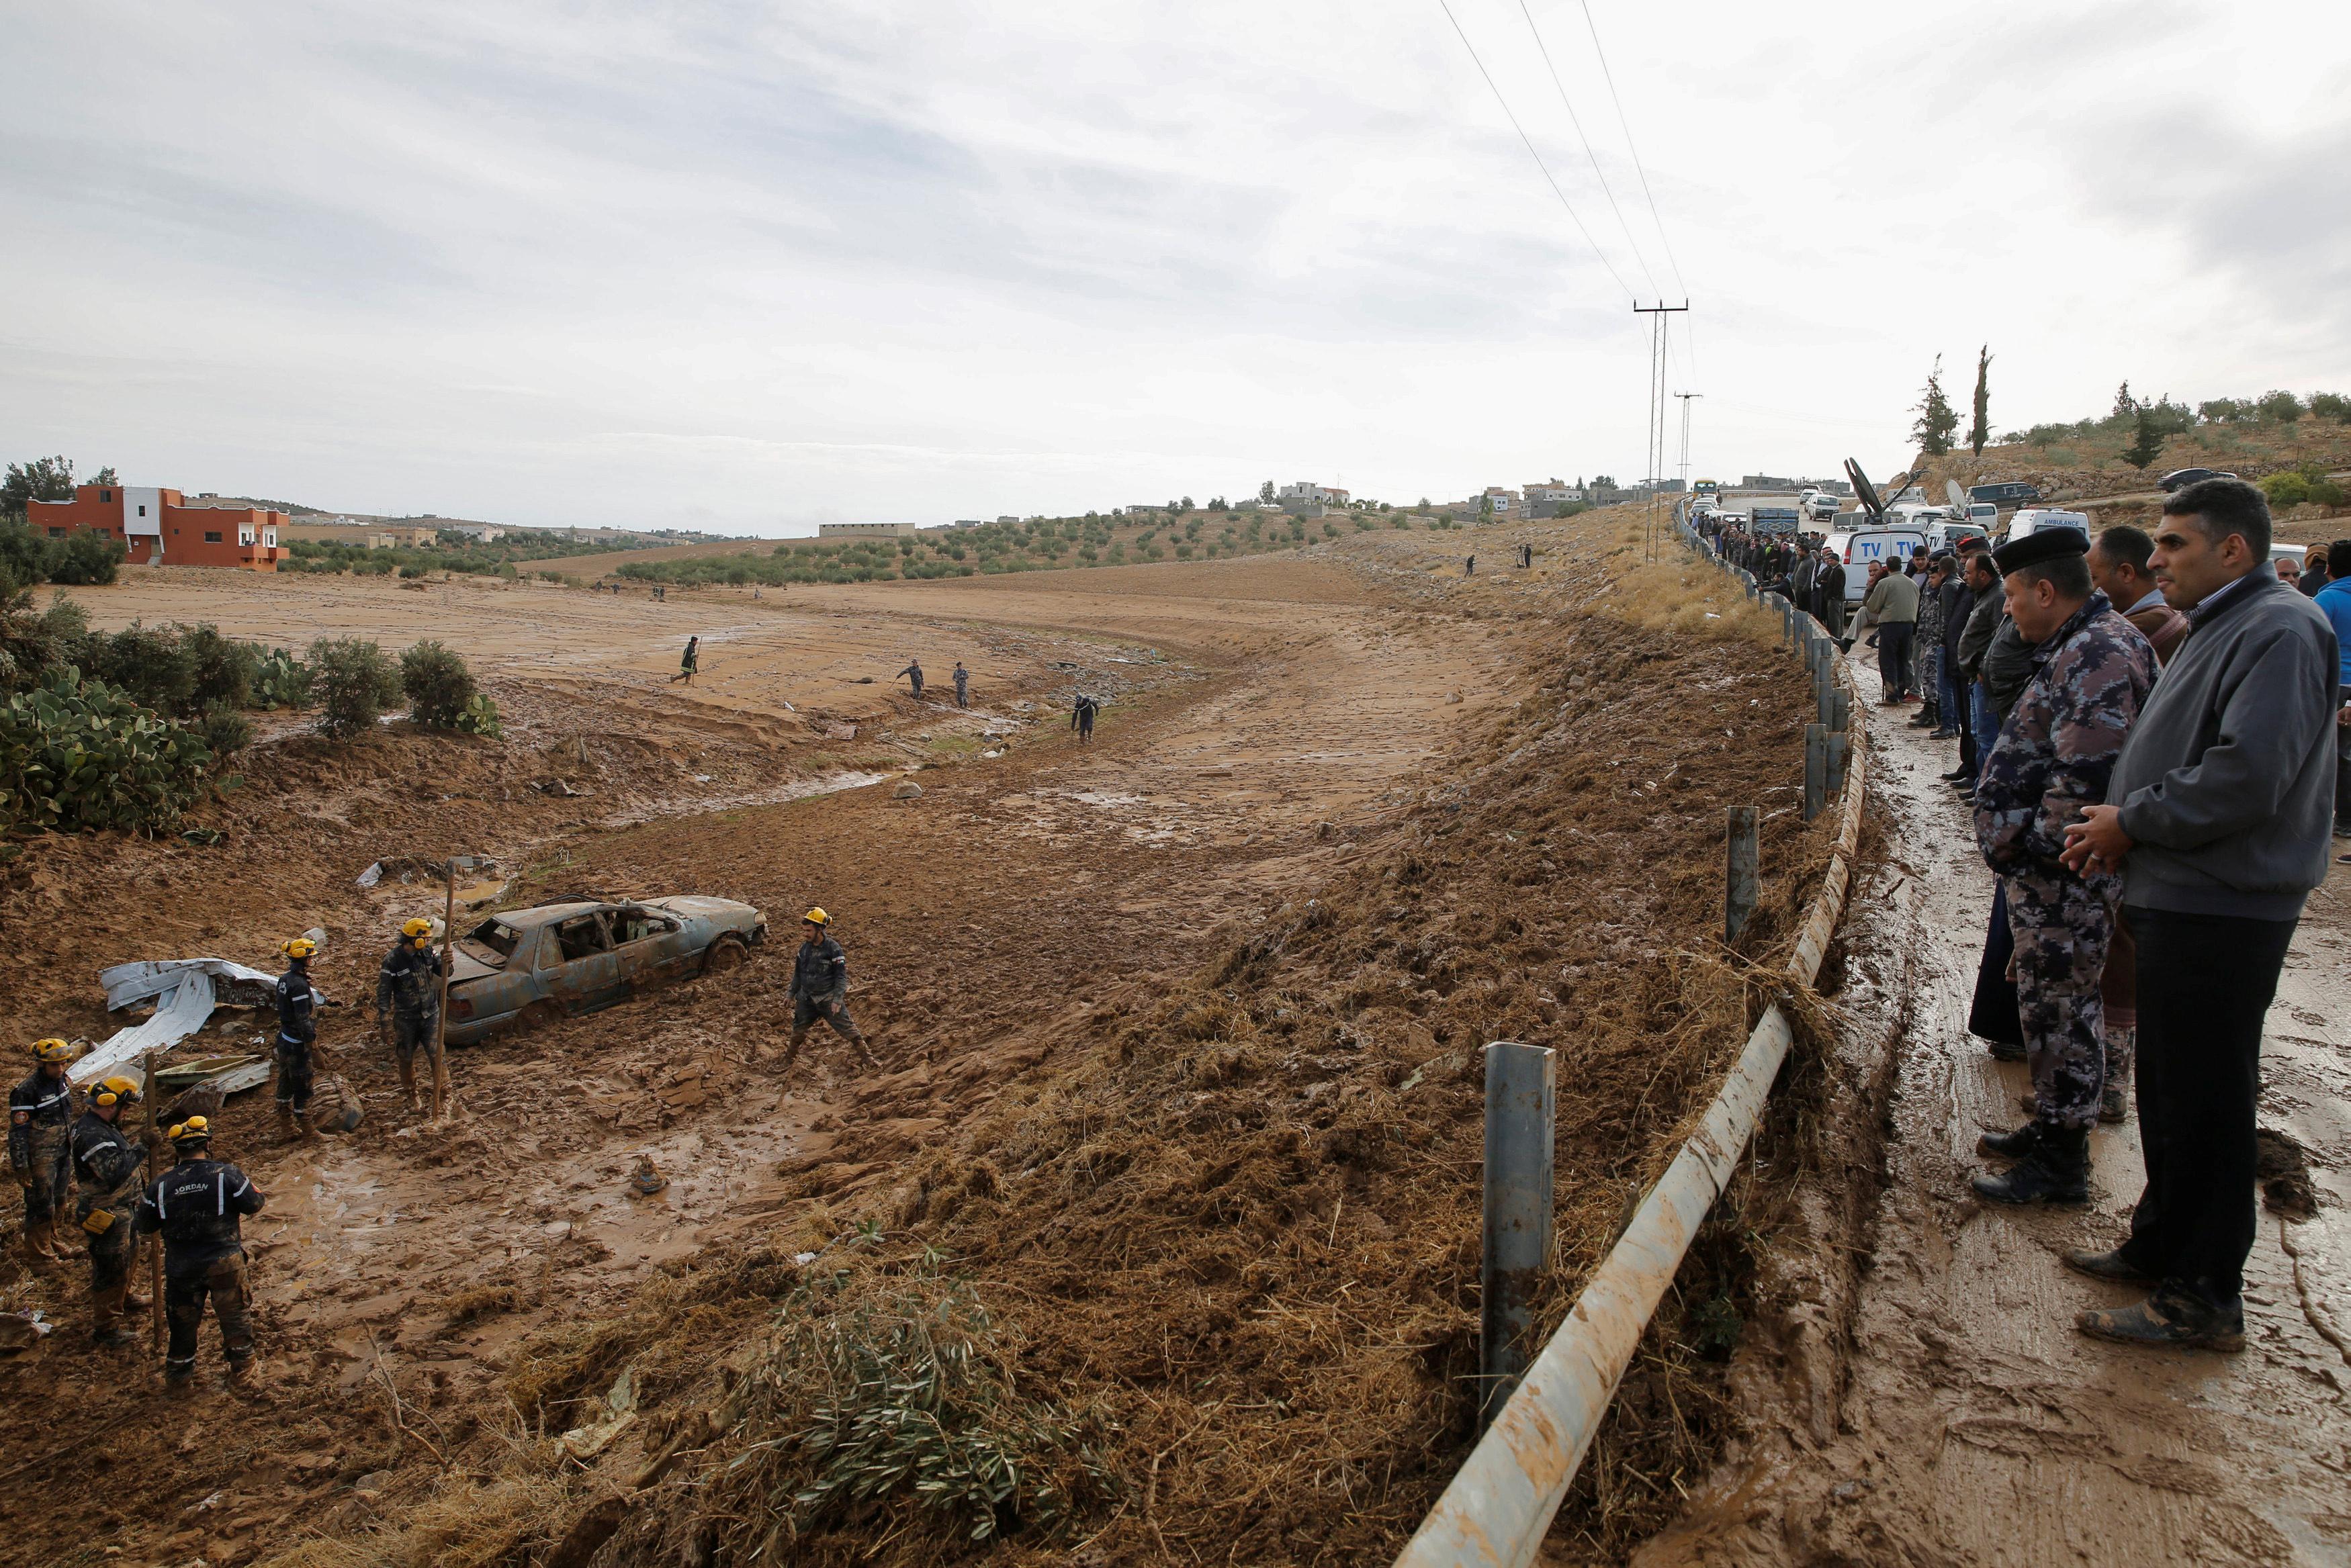 أناس يشاهدون عناصر الدفاع المدني الأردني أثناء بحثه عن مفقودين